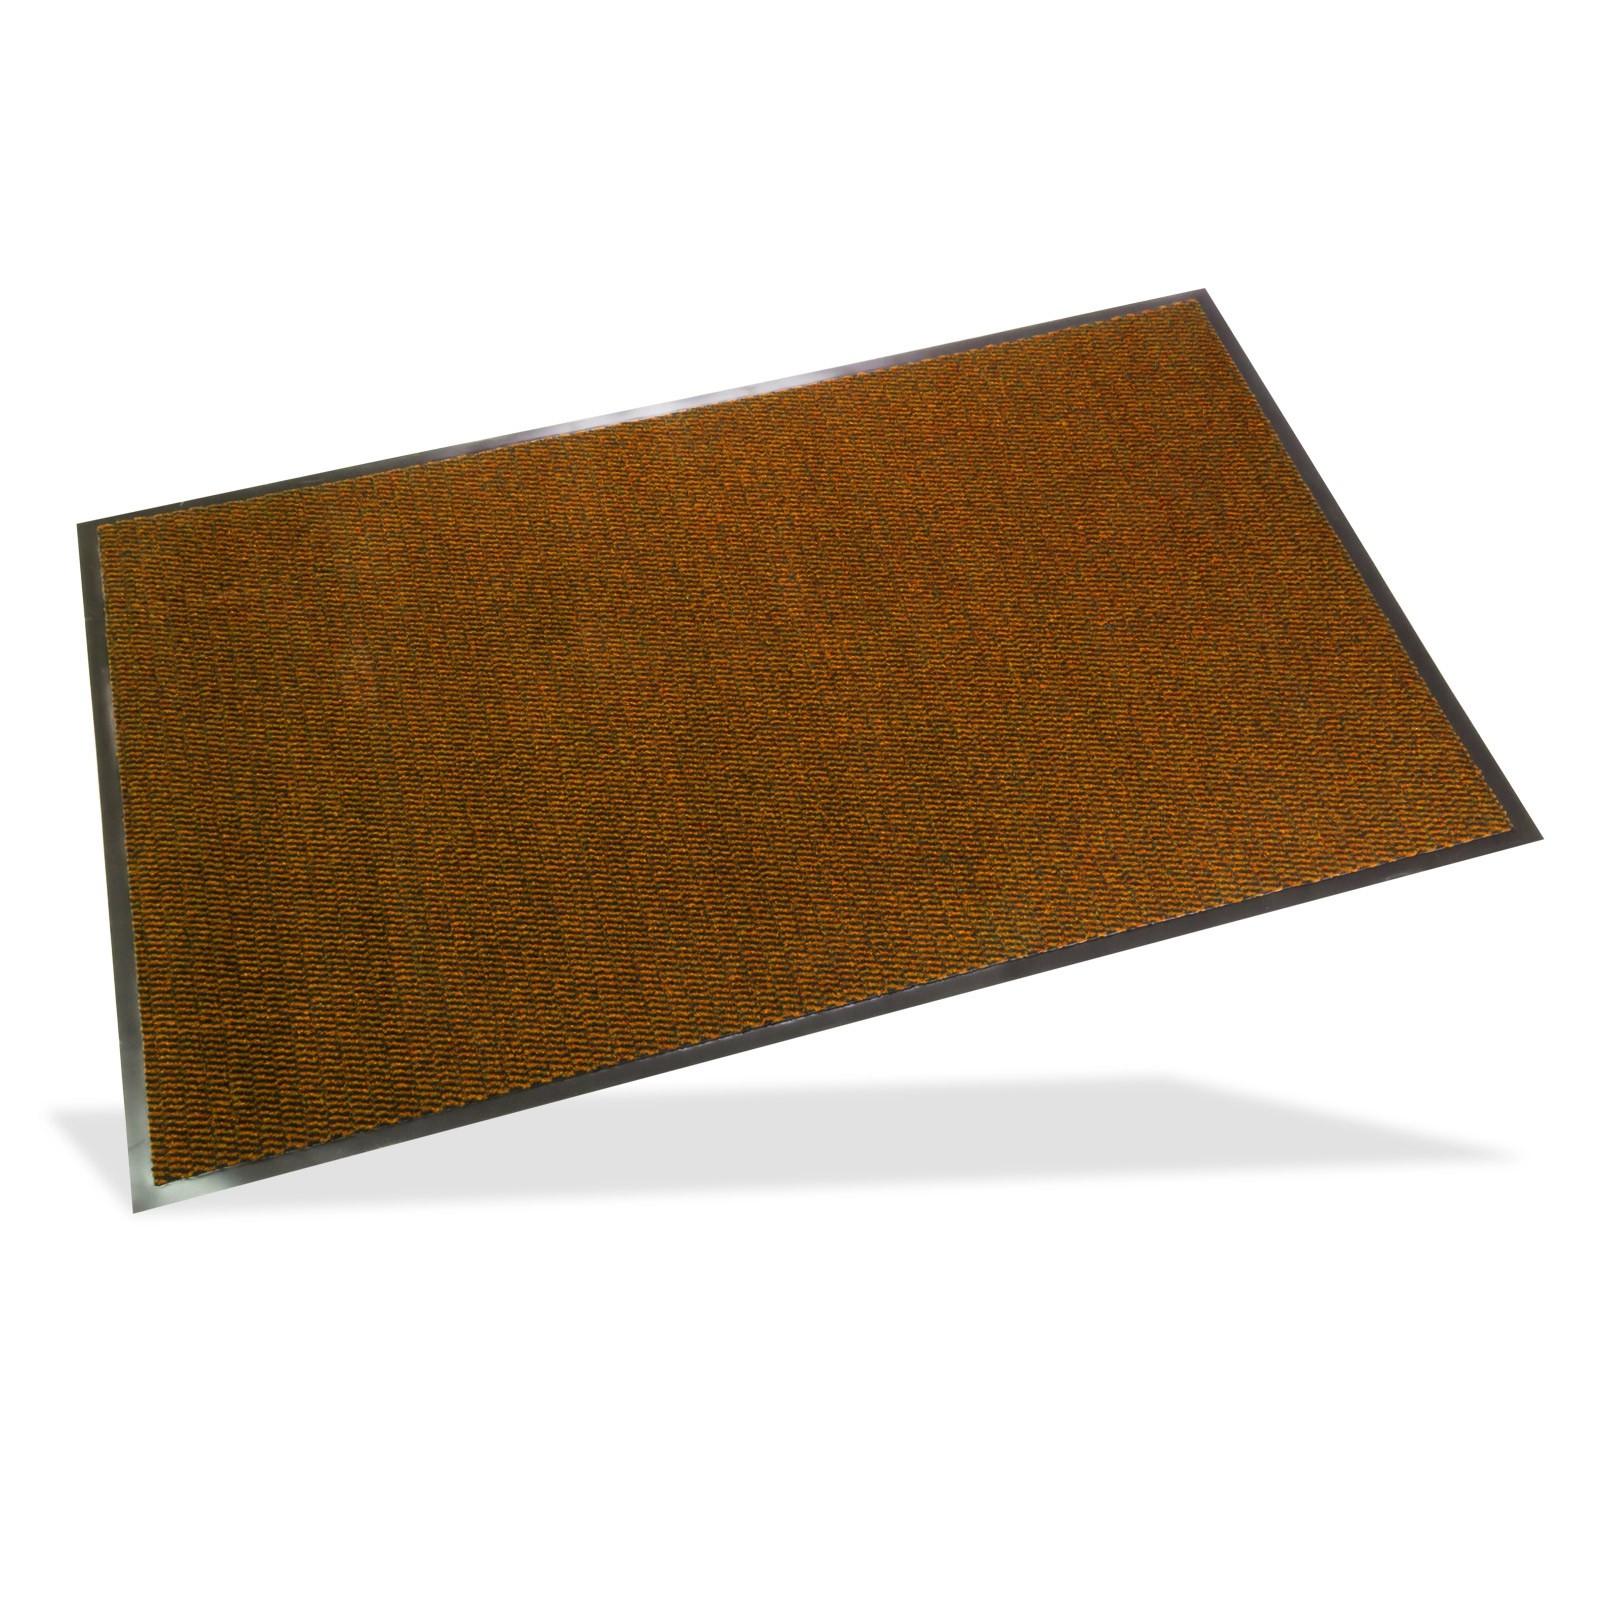 Super Schmutzfangmatte / Fußmatte SPEKTRUM 90x150 cm braun RL54